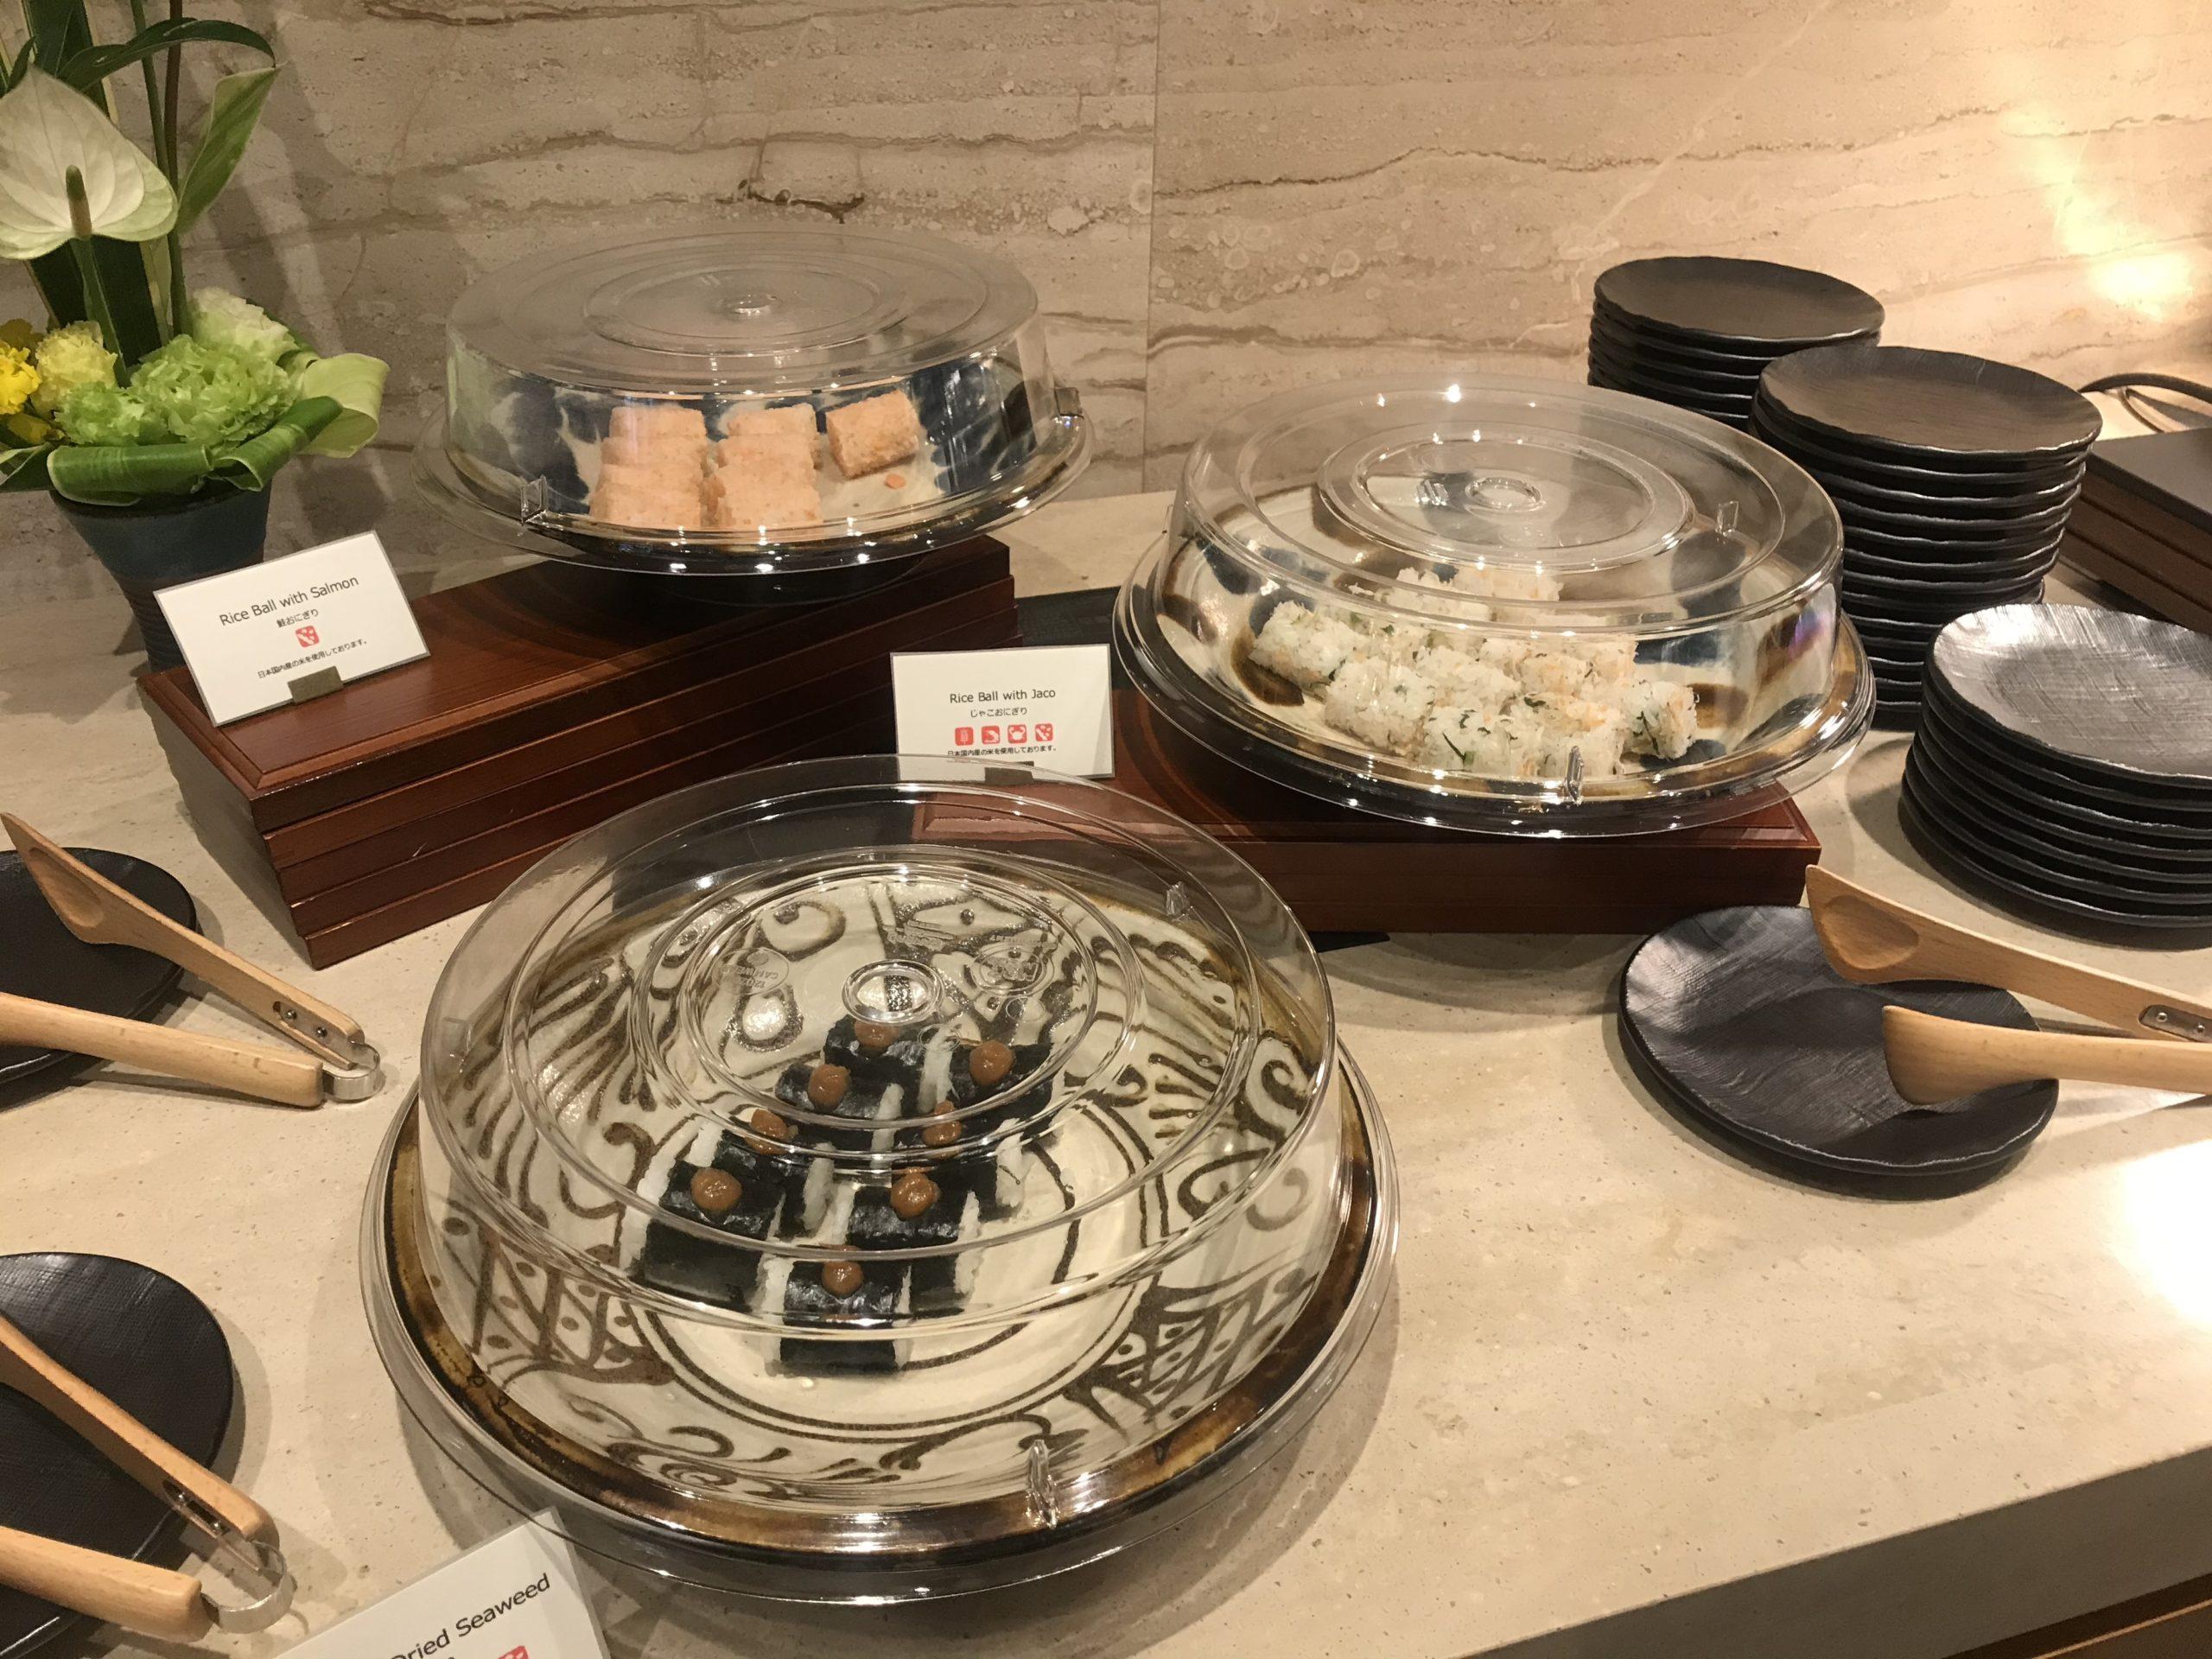 「ハレクラニ沖縄」ハウスウィズアウトキーでの朝食の様子